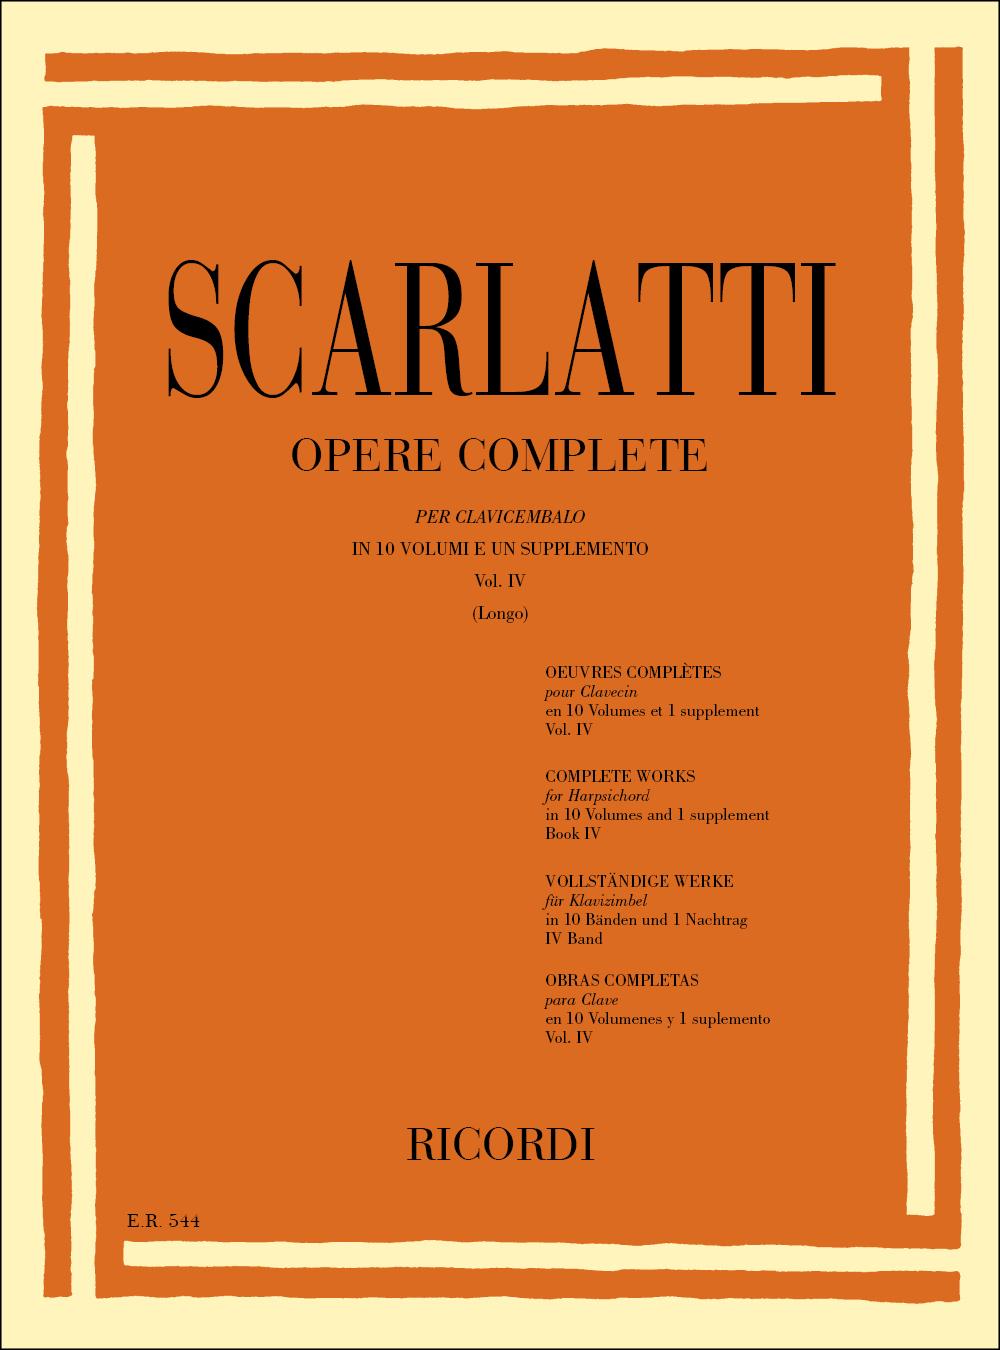 Domenico Scarlatti: Opere Complete Per Clavicembalo Vol. IV: Harpsichord